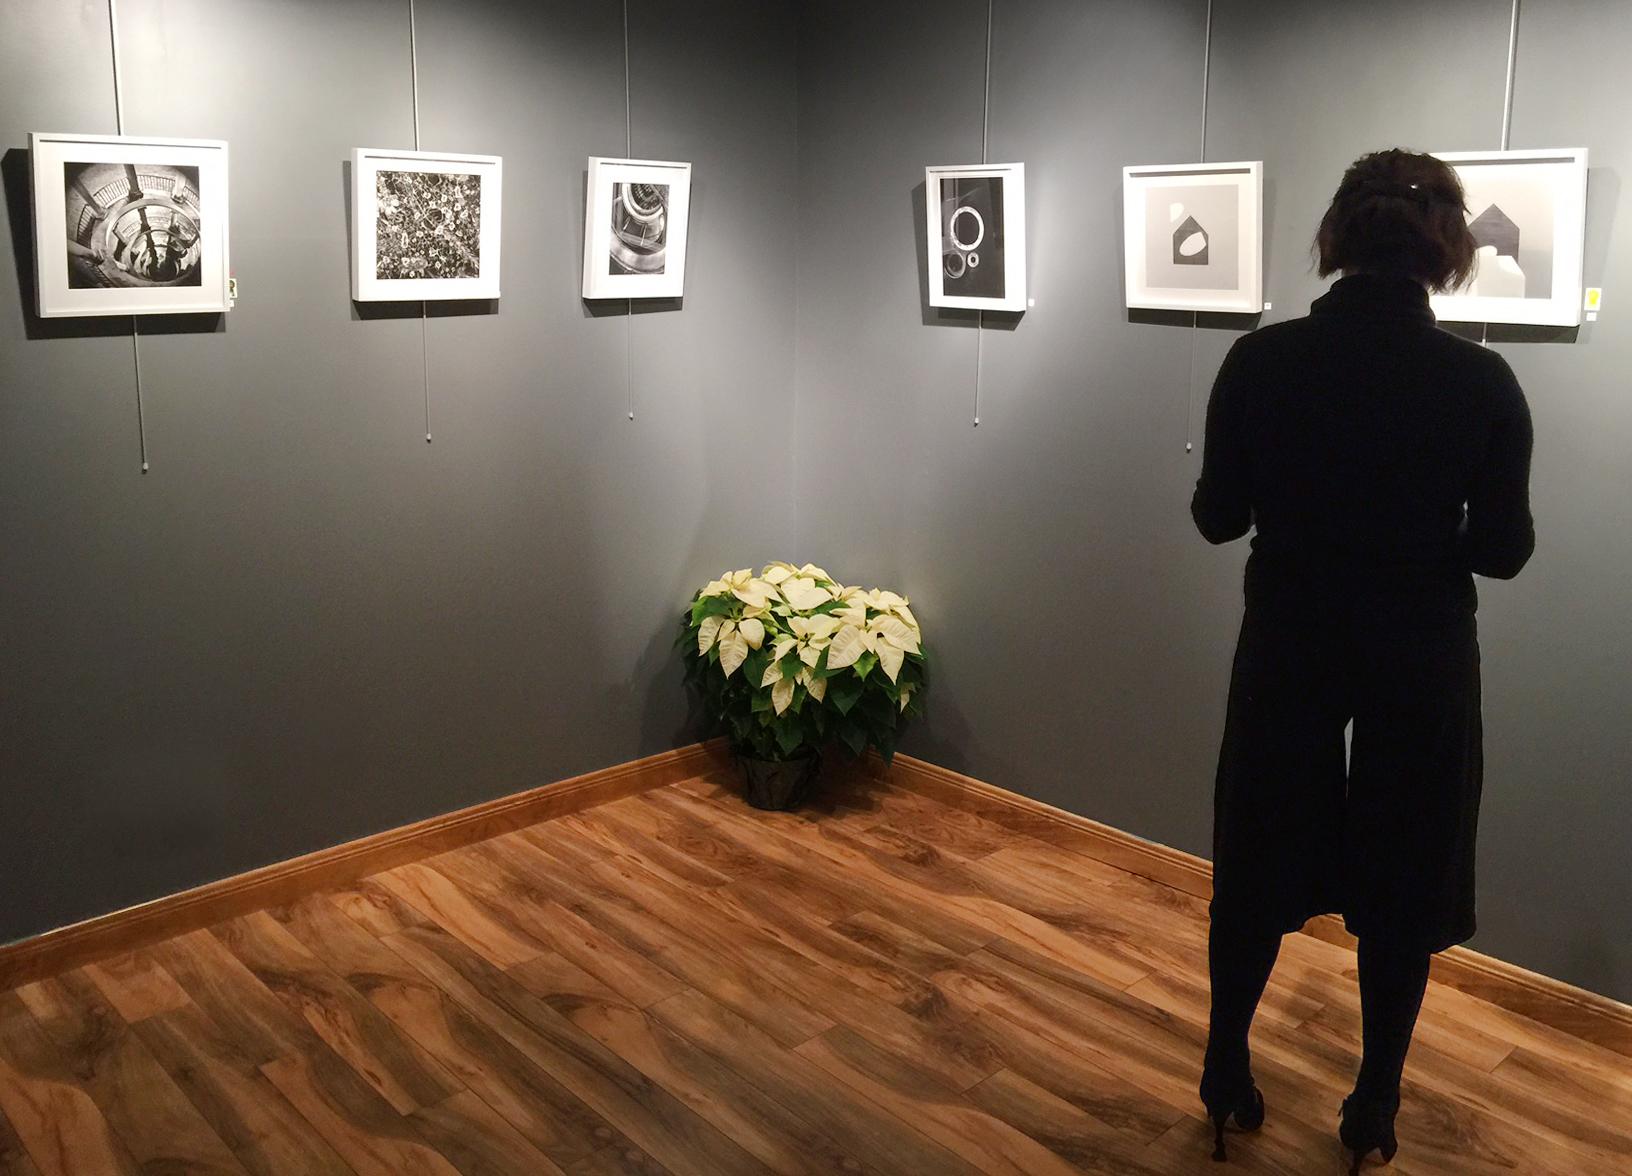 Guest enjoying the art